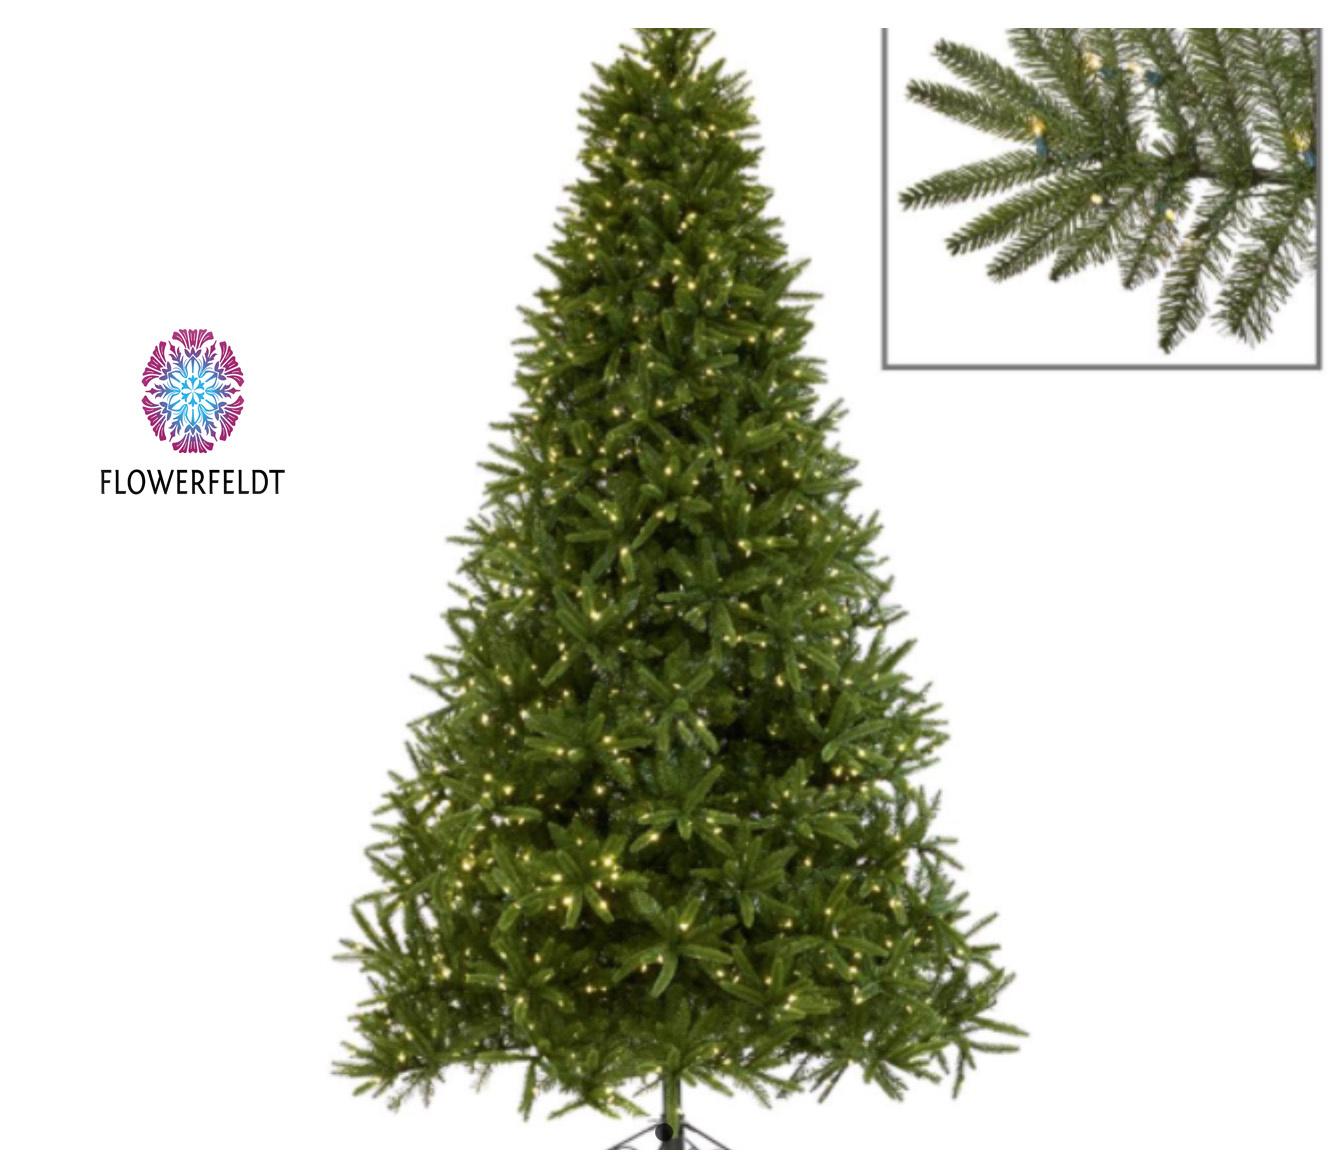 Goodwill Luxe kunstkerstboom 360 cm